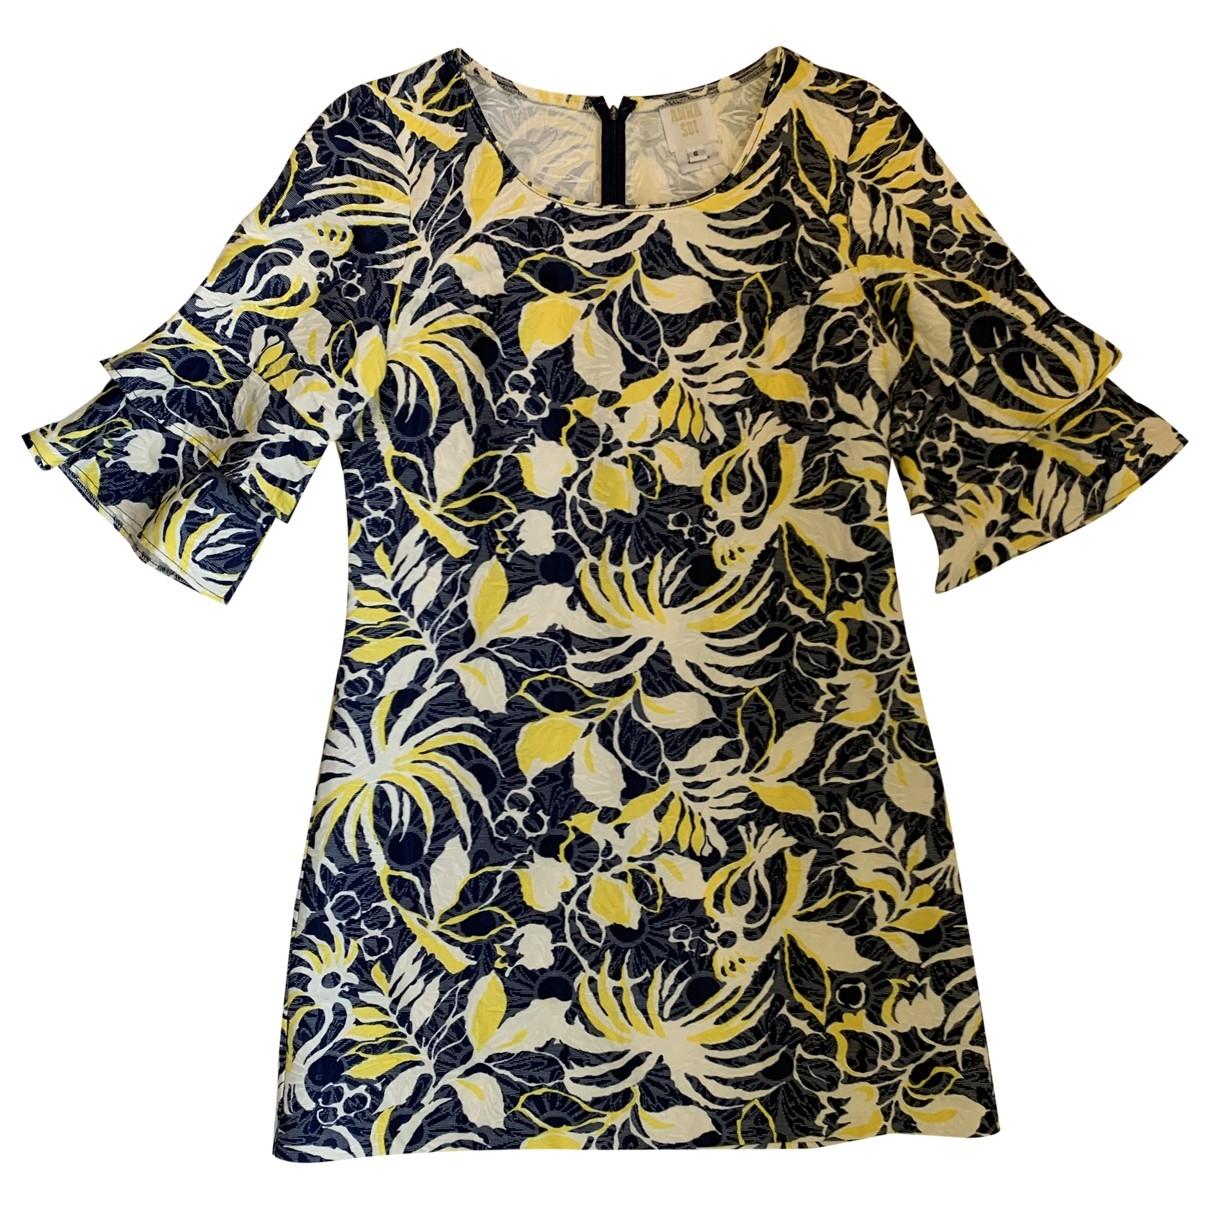 Anna Sui \N Multicolour Cotton - elasthane dress for Women 6 US